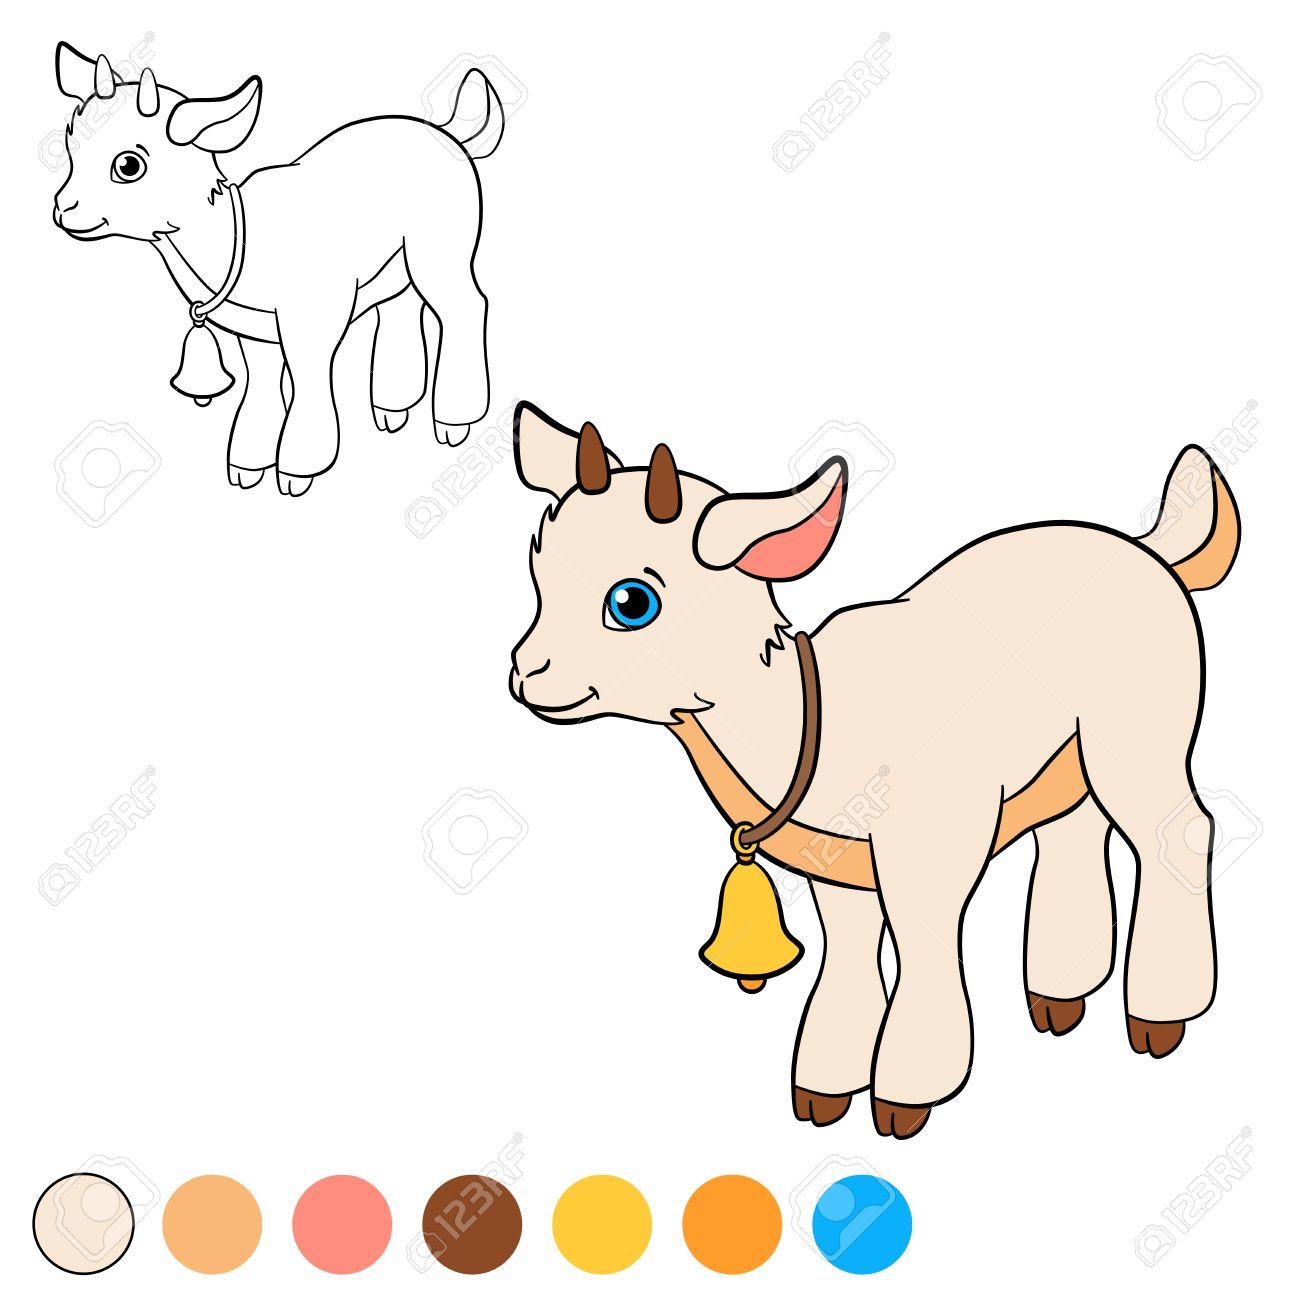 Excepcional Colorear Cabrito Goku Viñeta - Ideas Para Colorear ...